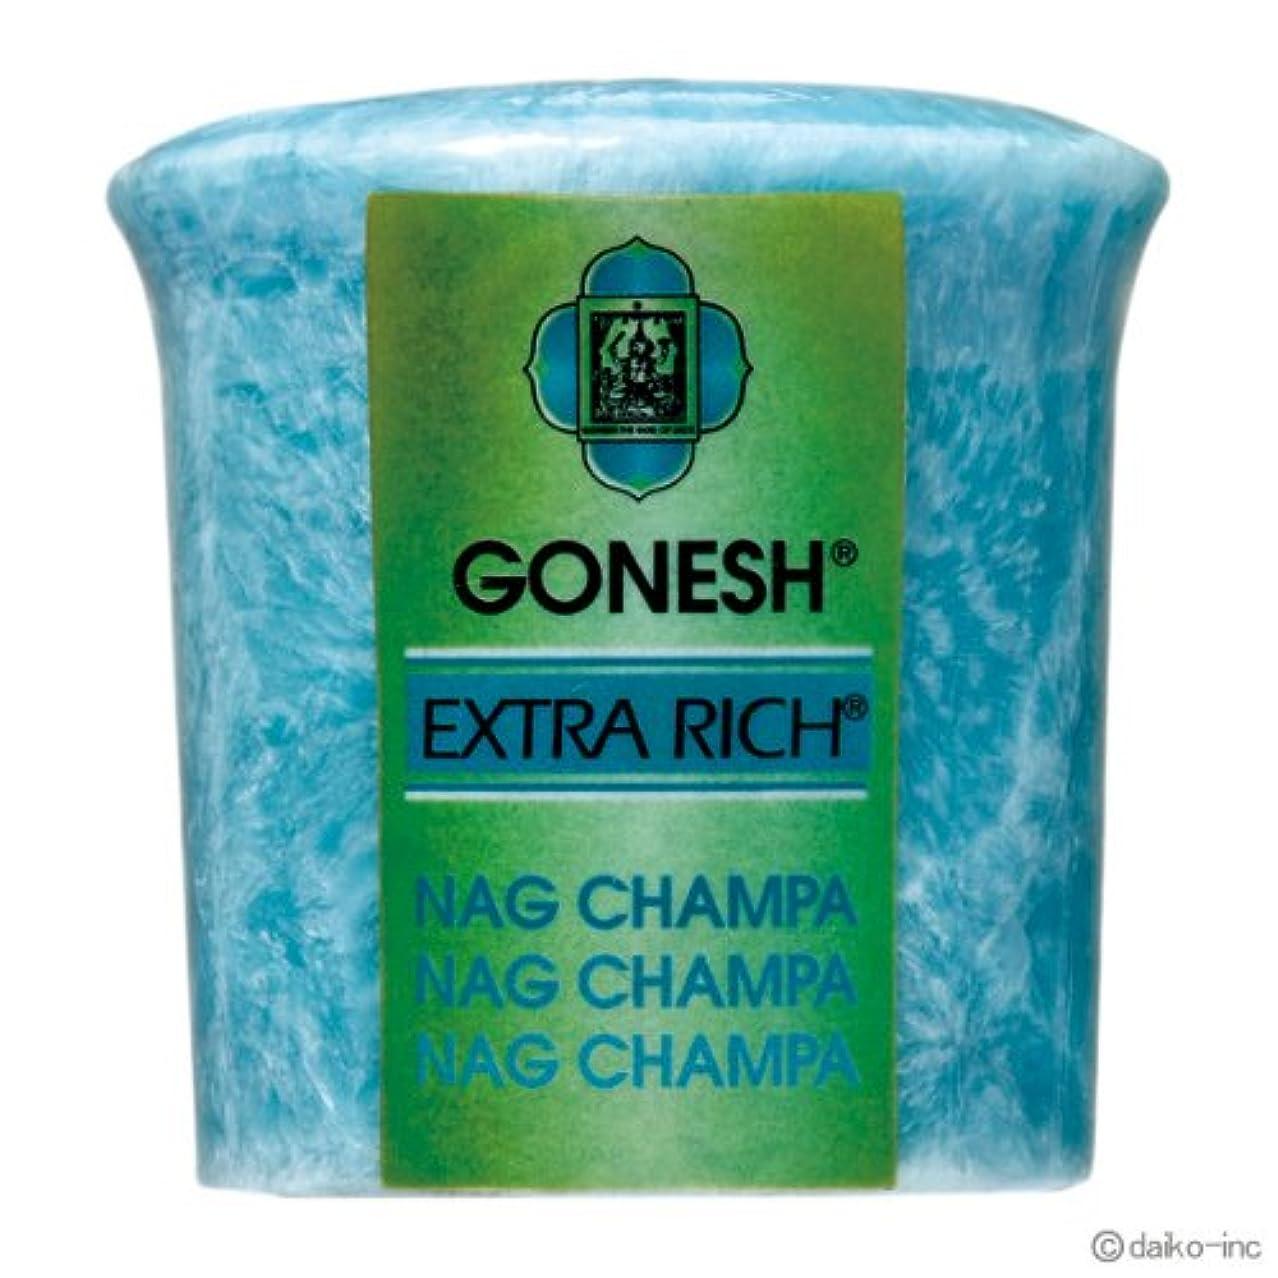 デッキアルコーブ普通のガーネッシュ GONESH エクストラリッチ ナグチャンパ アロマキャンドル 10個セット